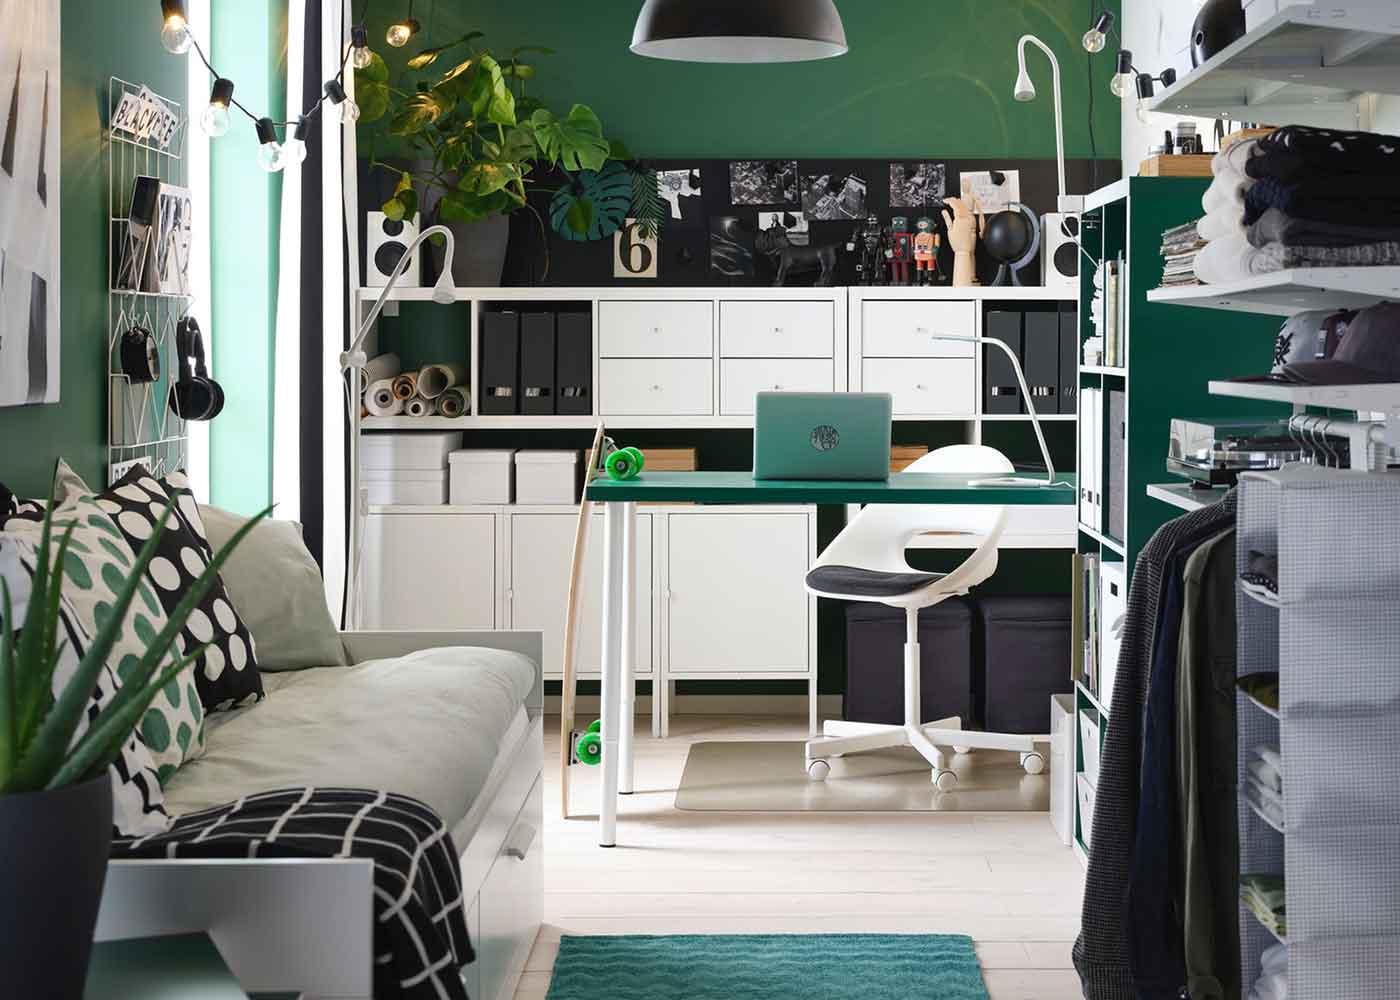 Ein gemütliches Studierzimmer mit weißer Schlafcouch, weißem Stuhl, Schreibtisch, grünem Regal und schwarzer Lampe.